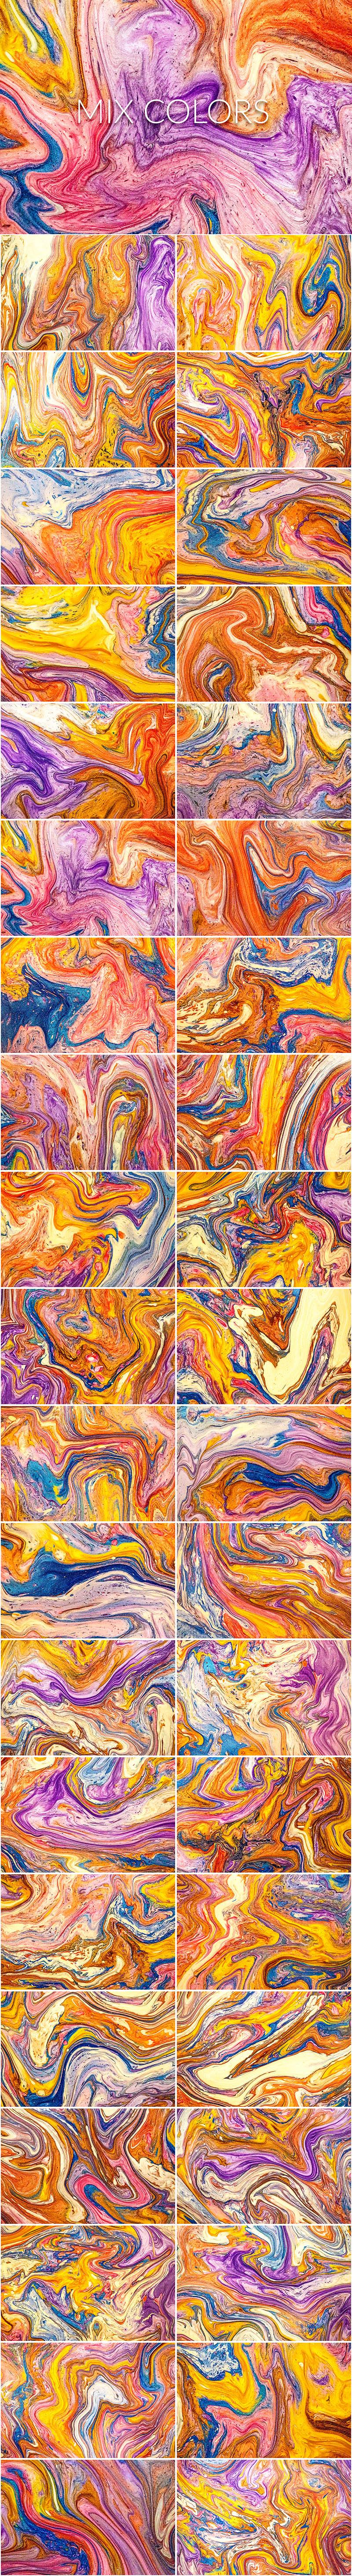 750+ Best Liquid Paint Backgrounds in 2020 - Liquid Paint Mix Colors PREVIEW min